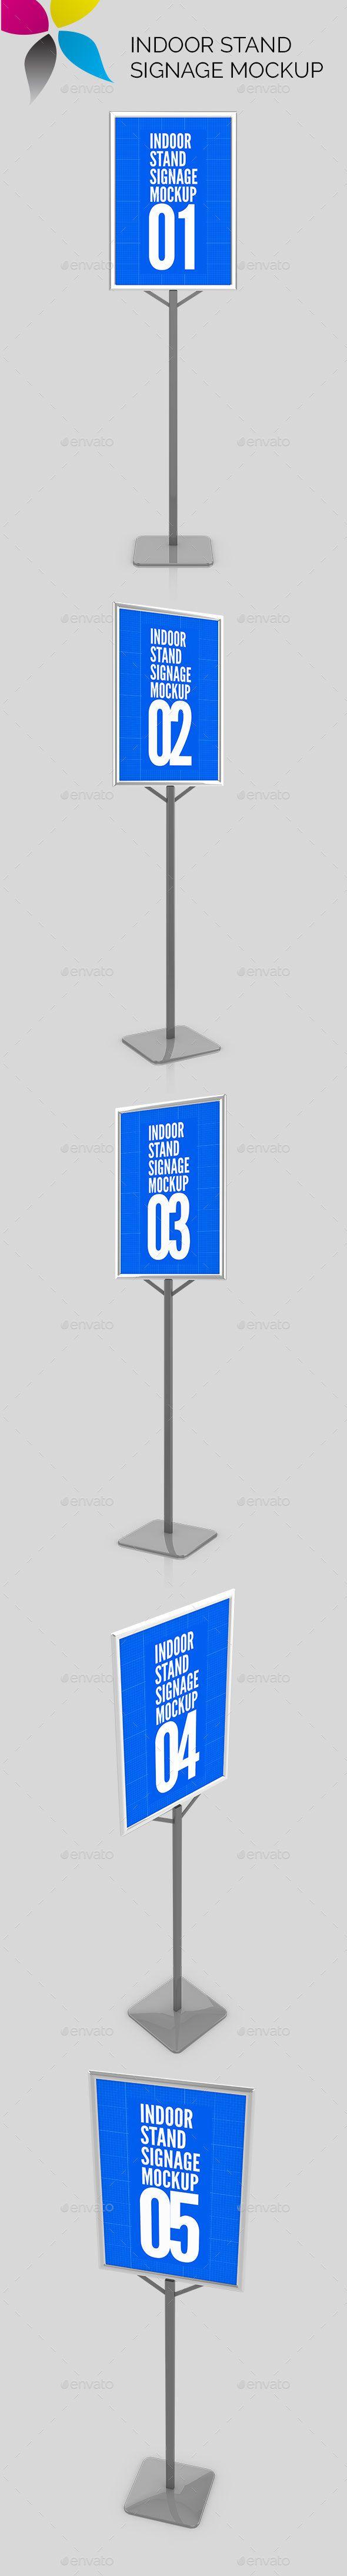 Indoor Stand Signage Mockup Standing Signage Signage Print Mockup